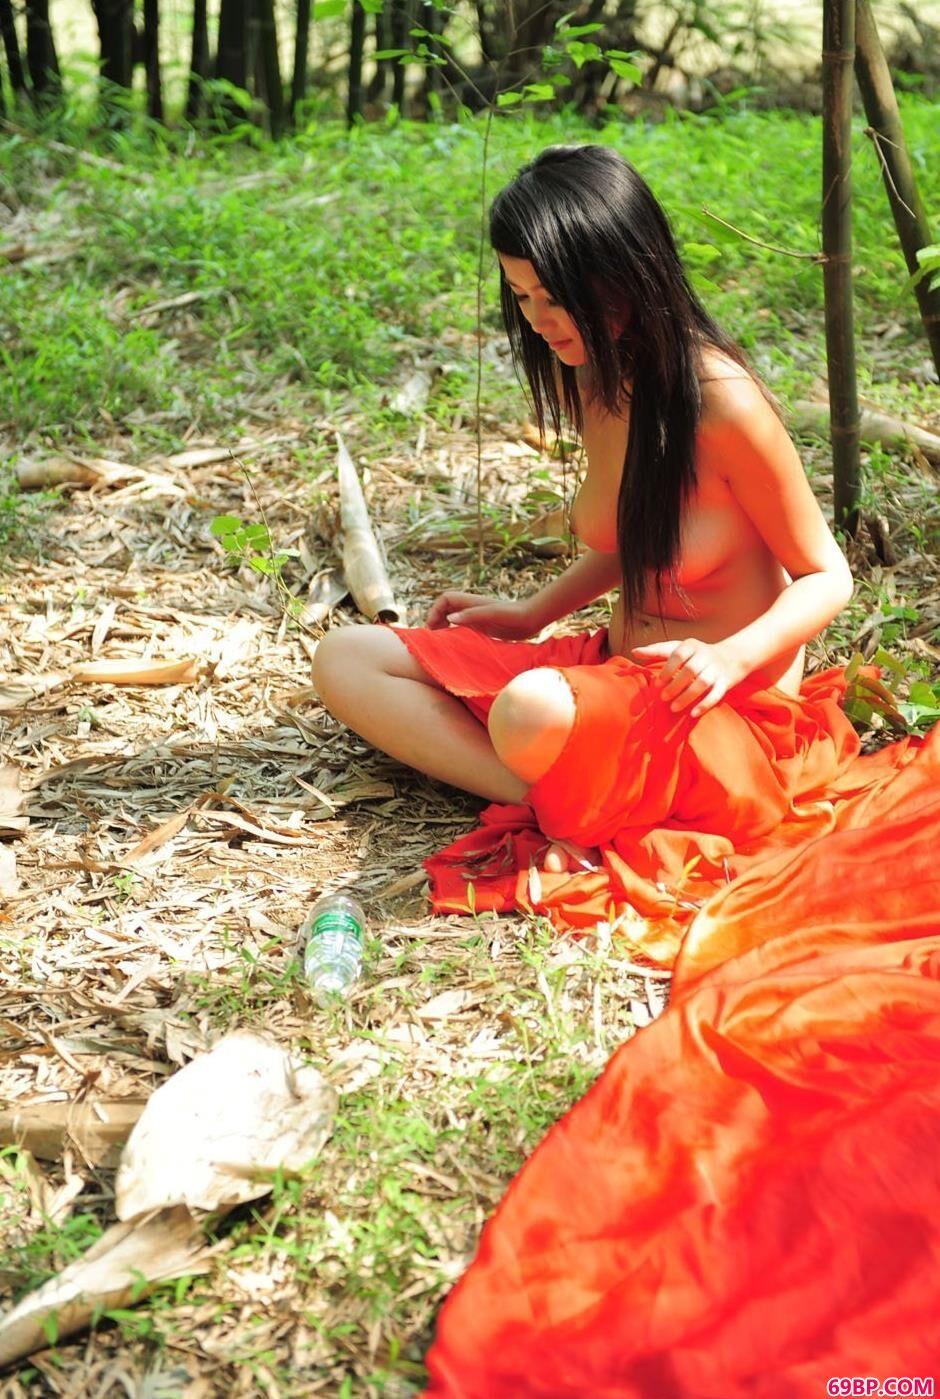 妹子莉莉在竹子下的风情美体